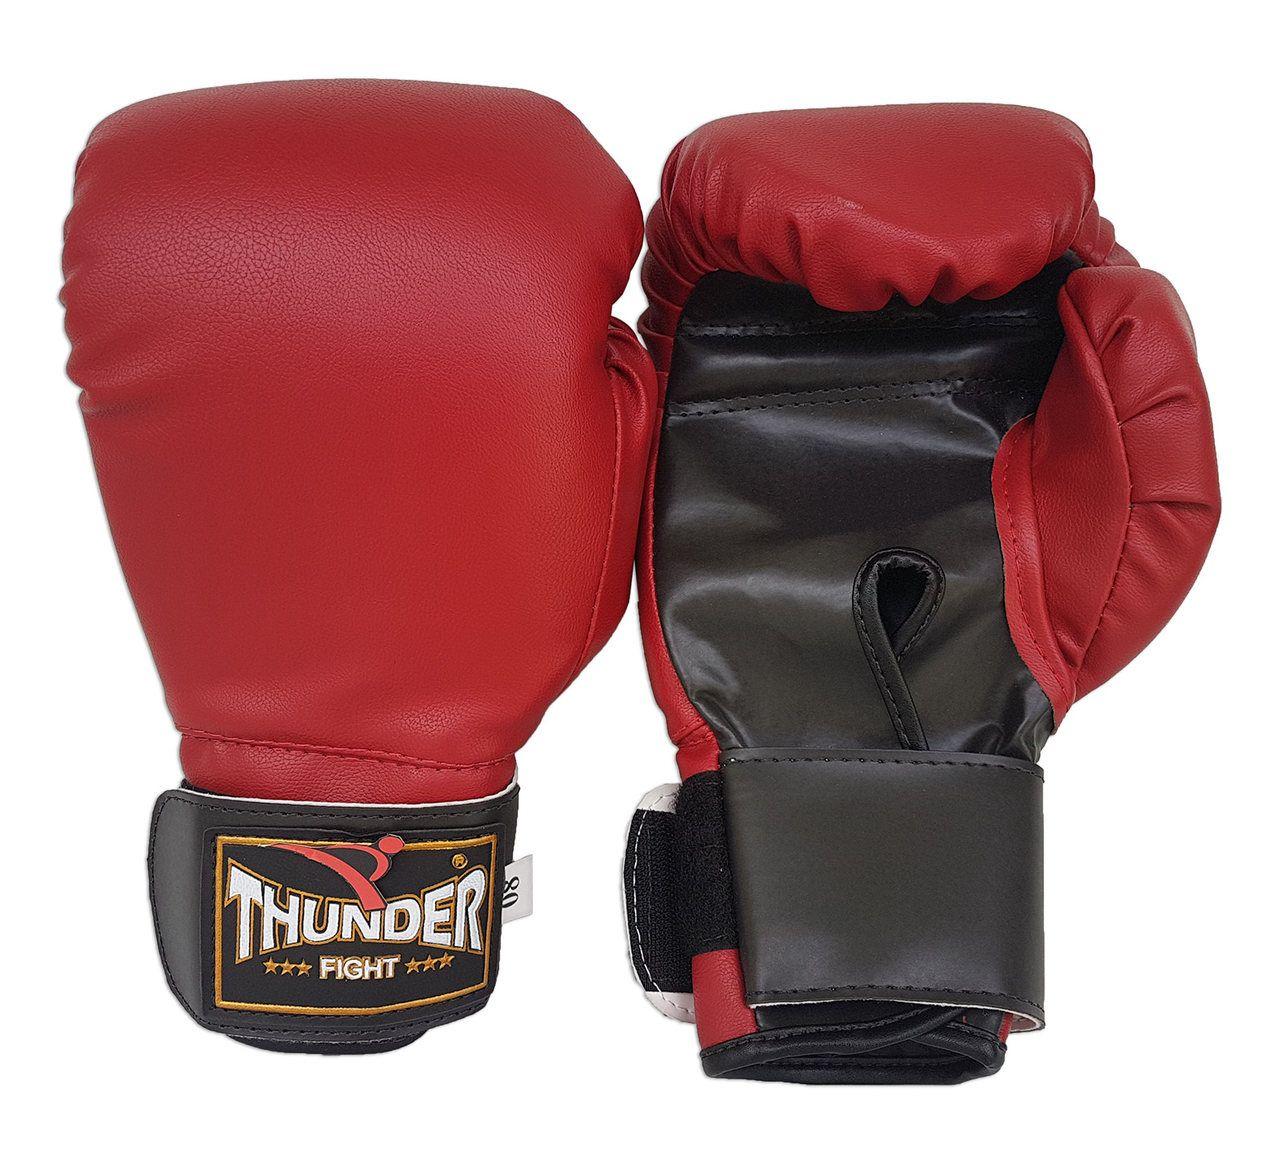 Luva de Boxe / Muay Thai 8oz - Vermelho - Thunder Fight  - PRALUTA SHOP